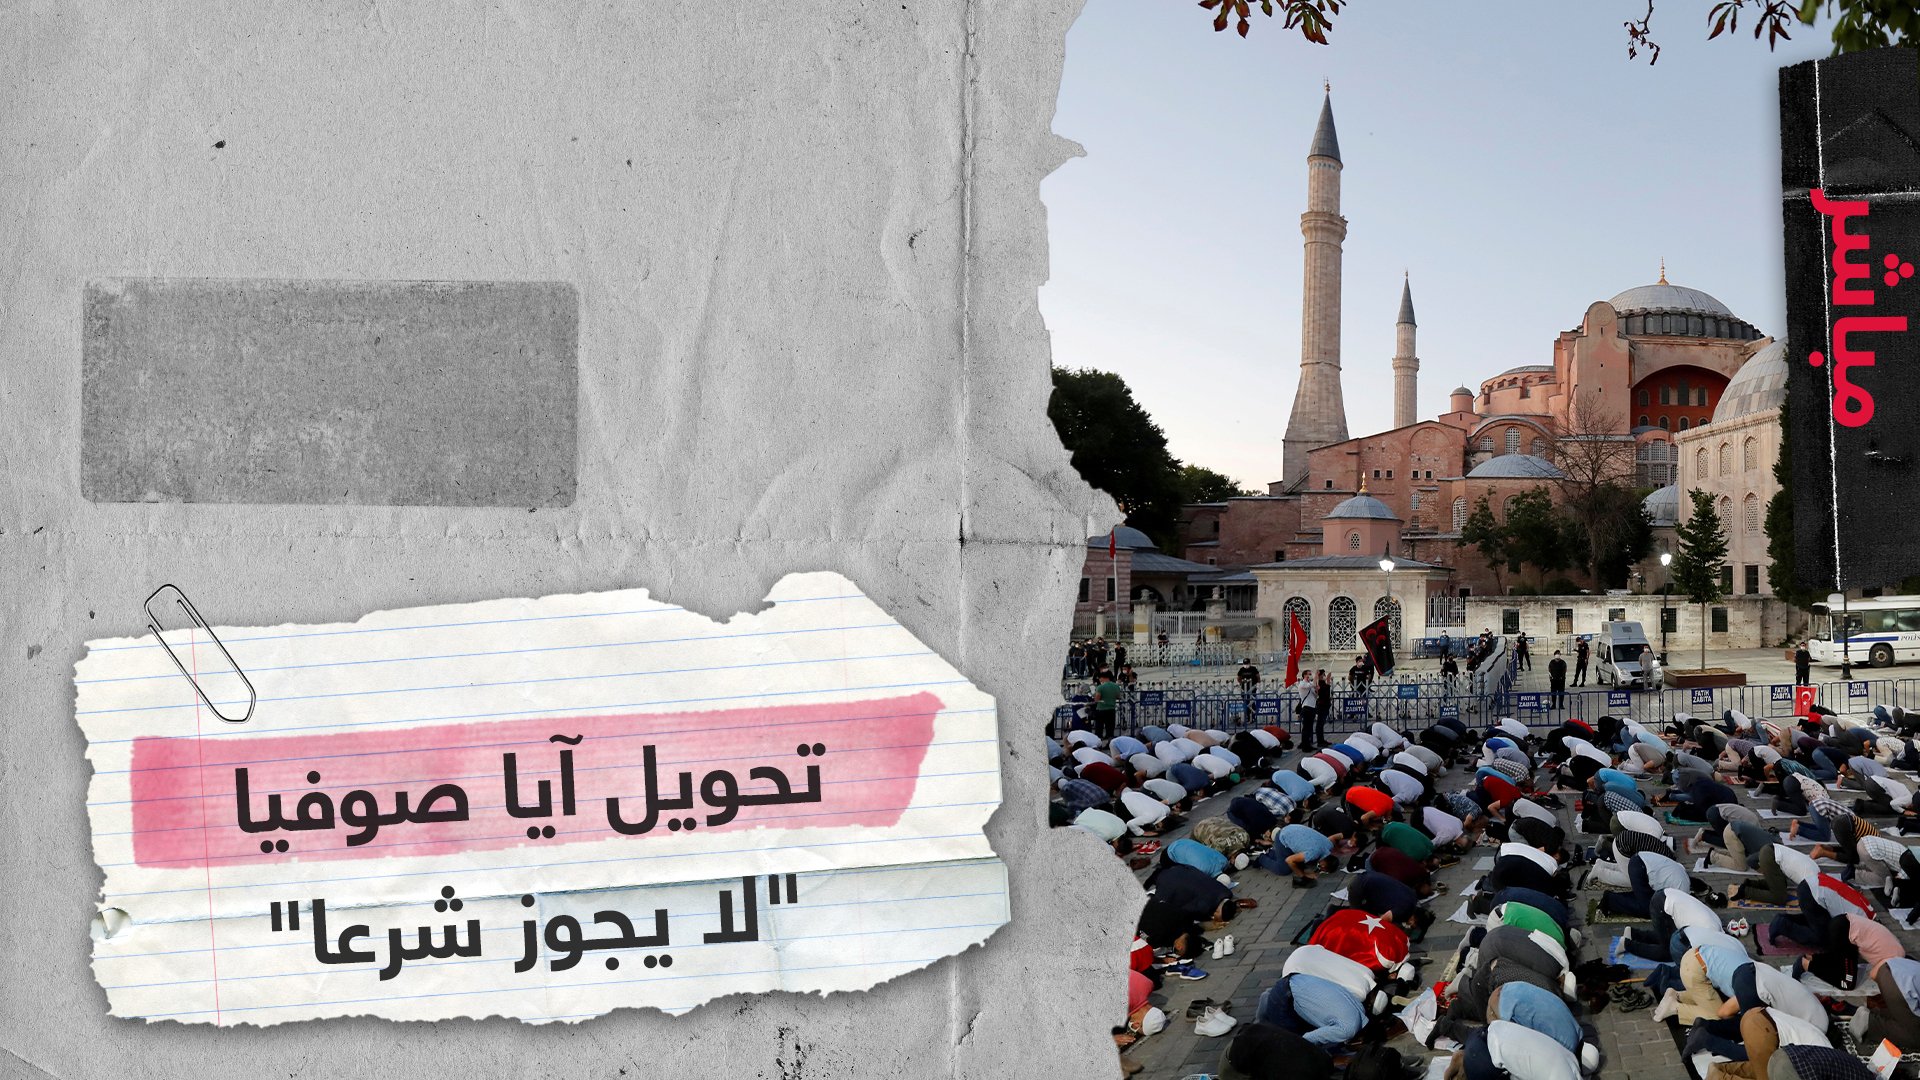 مفتي الديار المصرية يعتبر أن تحويل متحف آيا صوفيا لمسجد لا يجوز شرعا